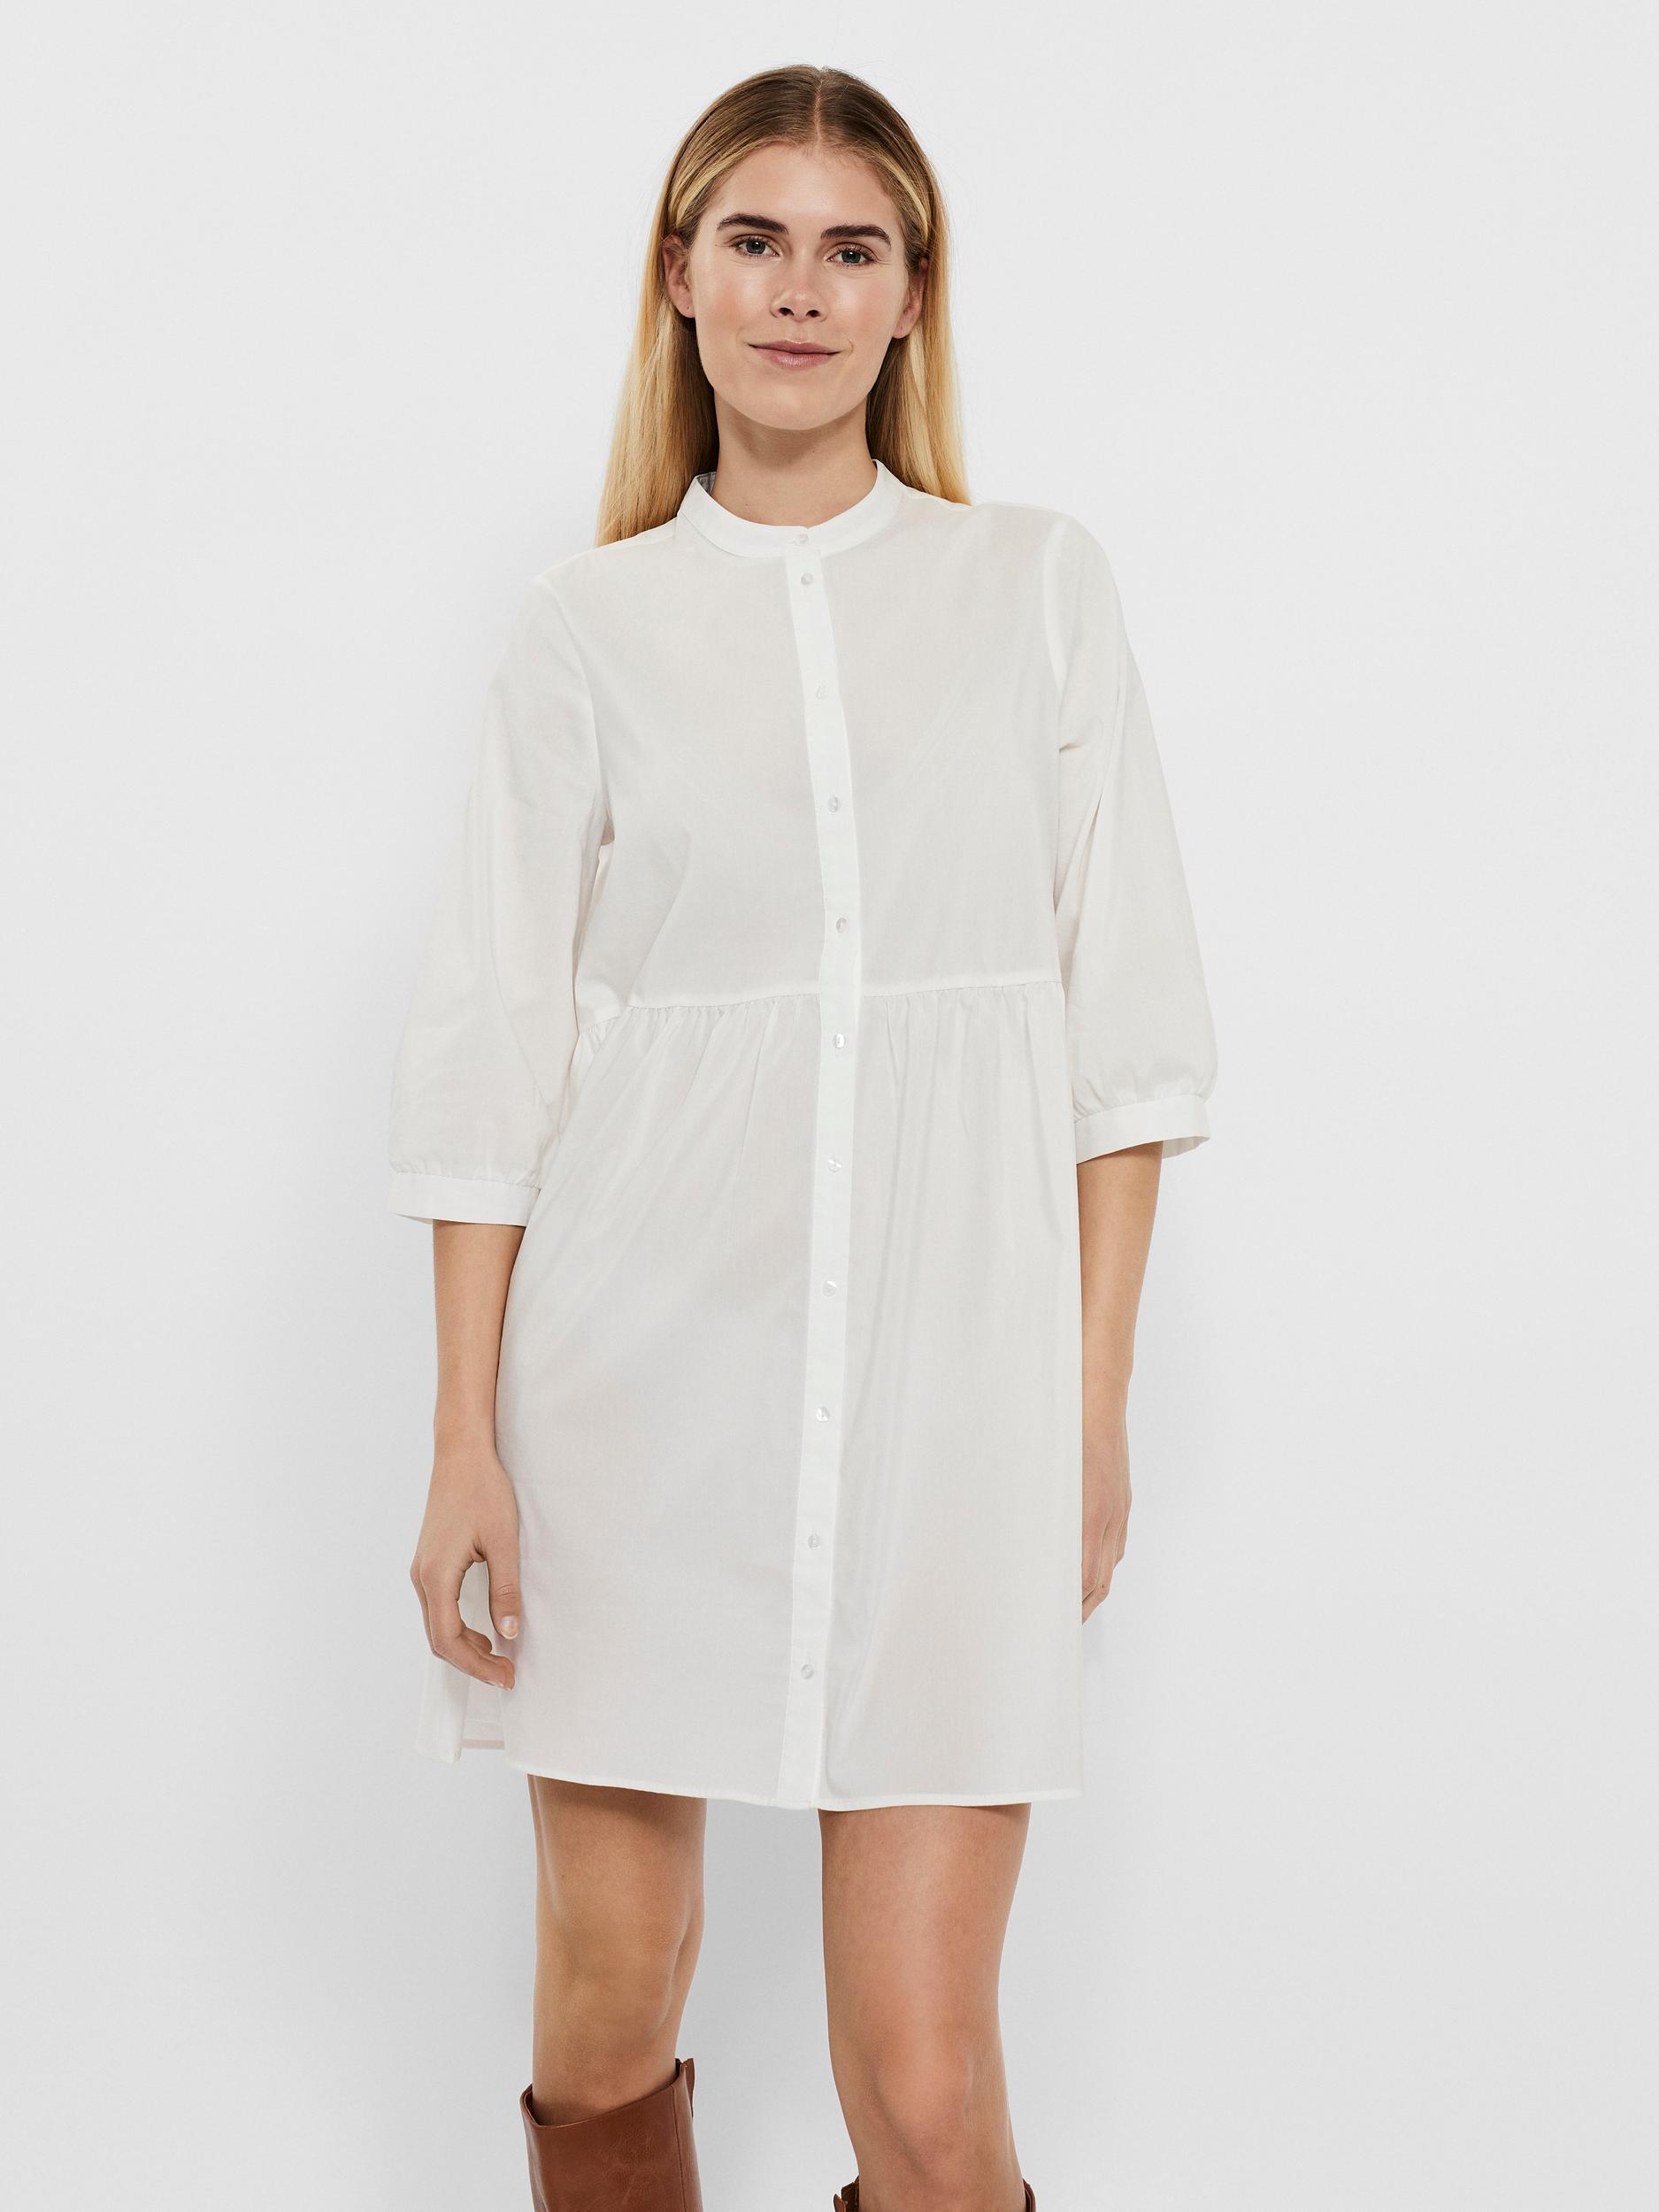 Vero Moda Sisi kjole, snow white, x-large